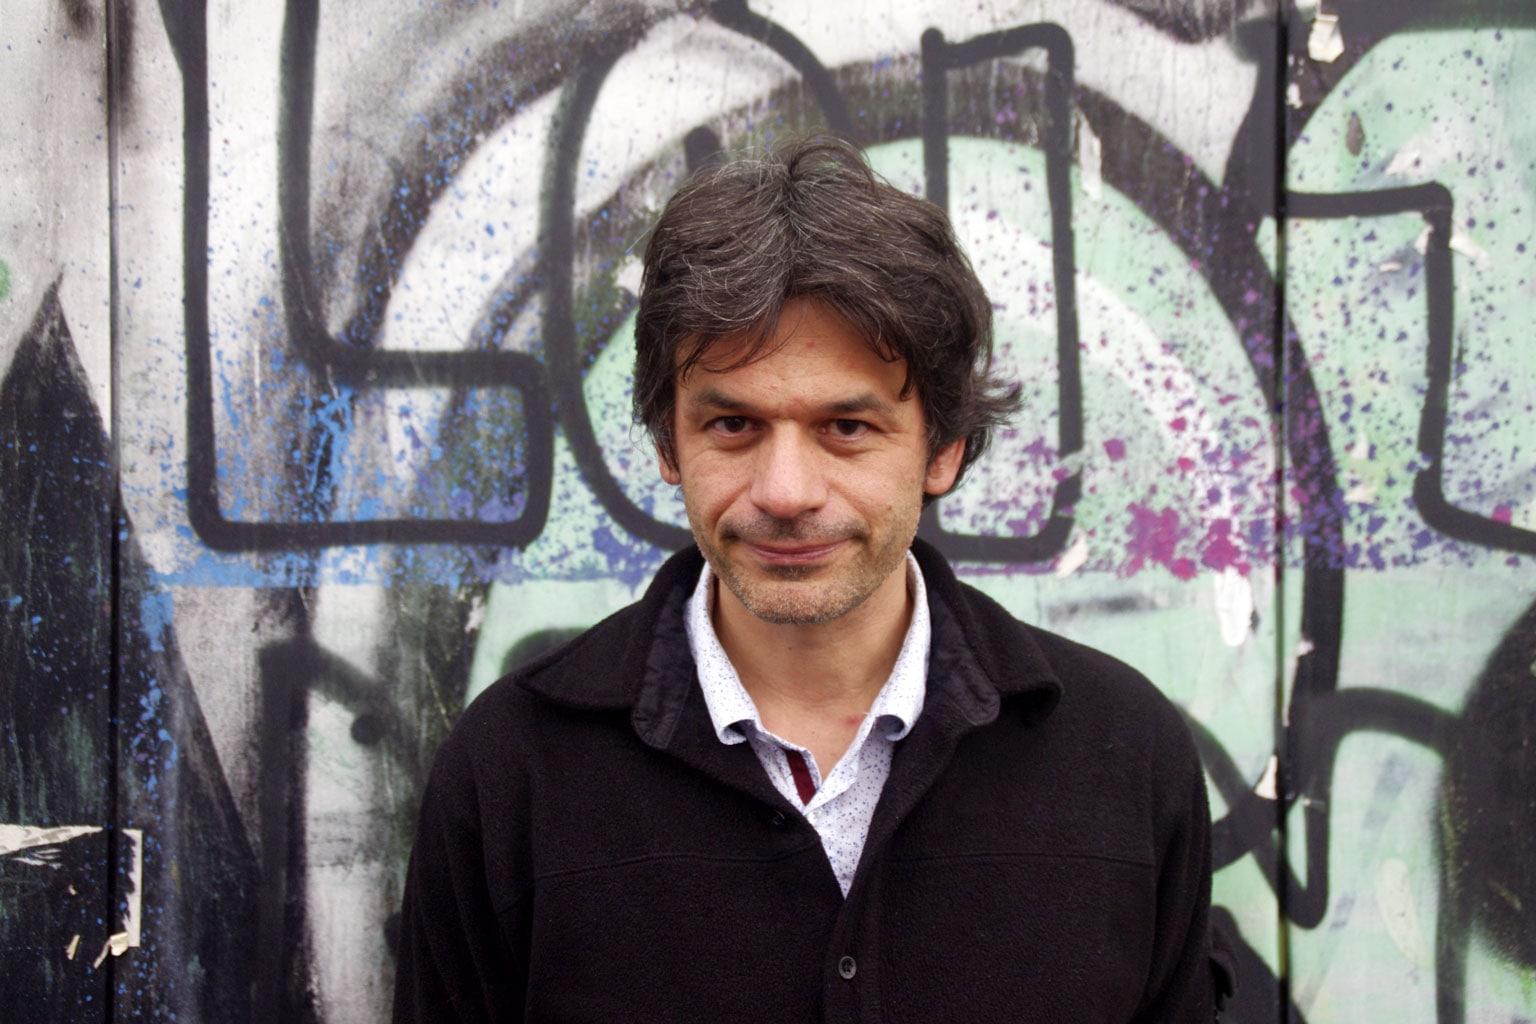 Rencontre musiciens bordeaux - Udea33 David Lalloz